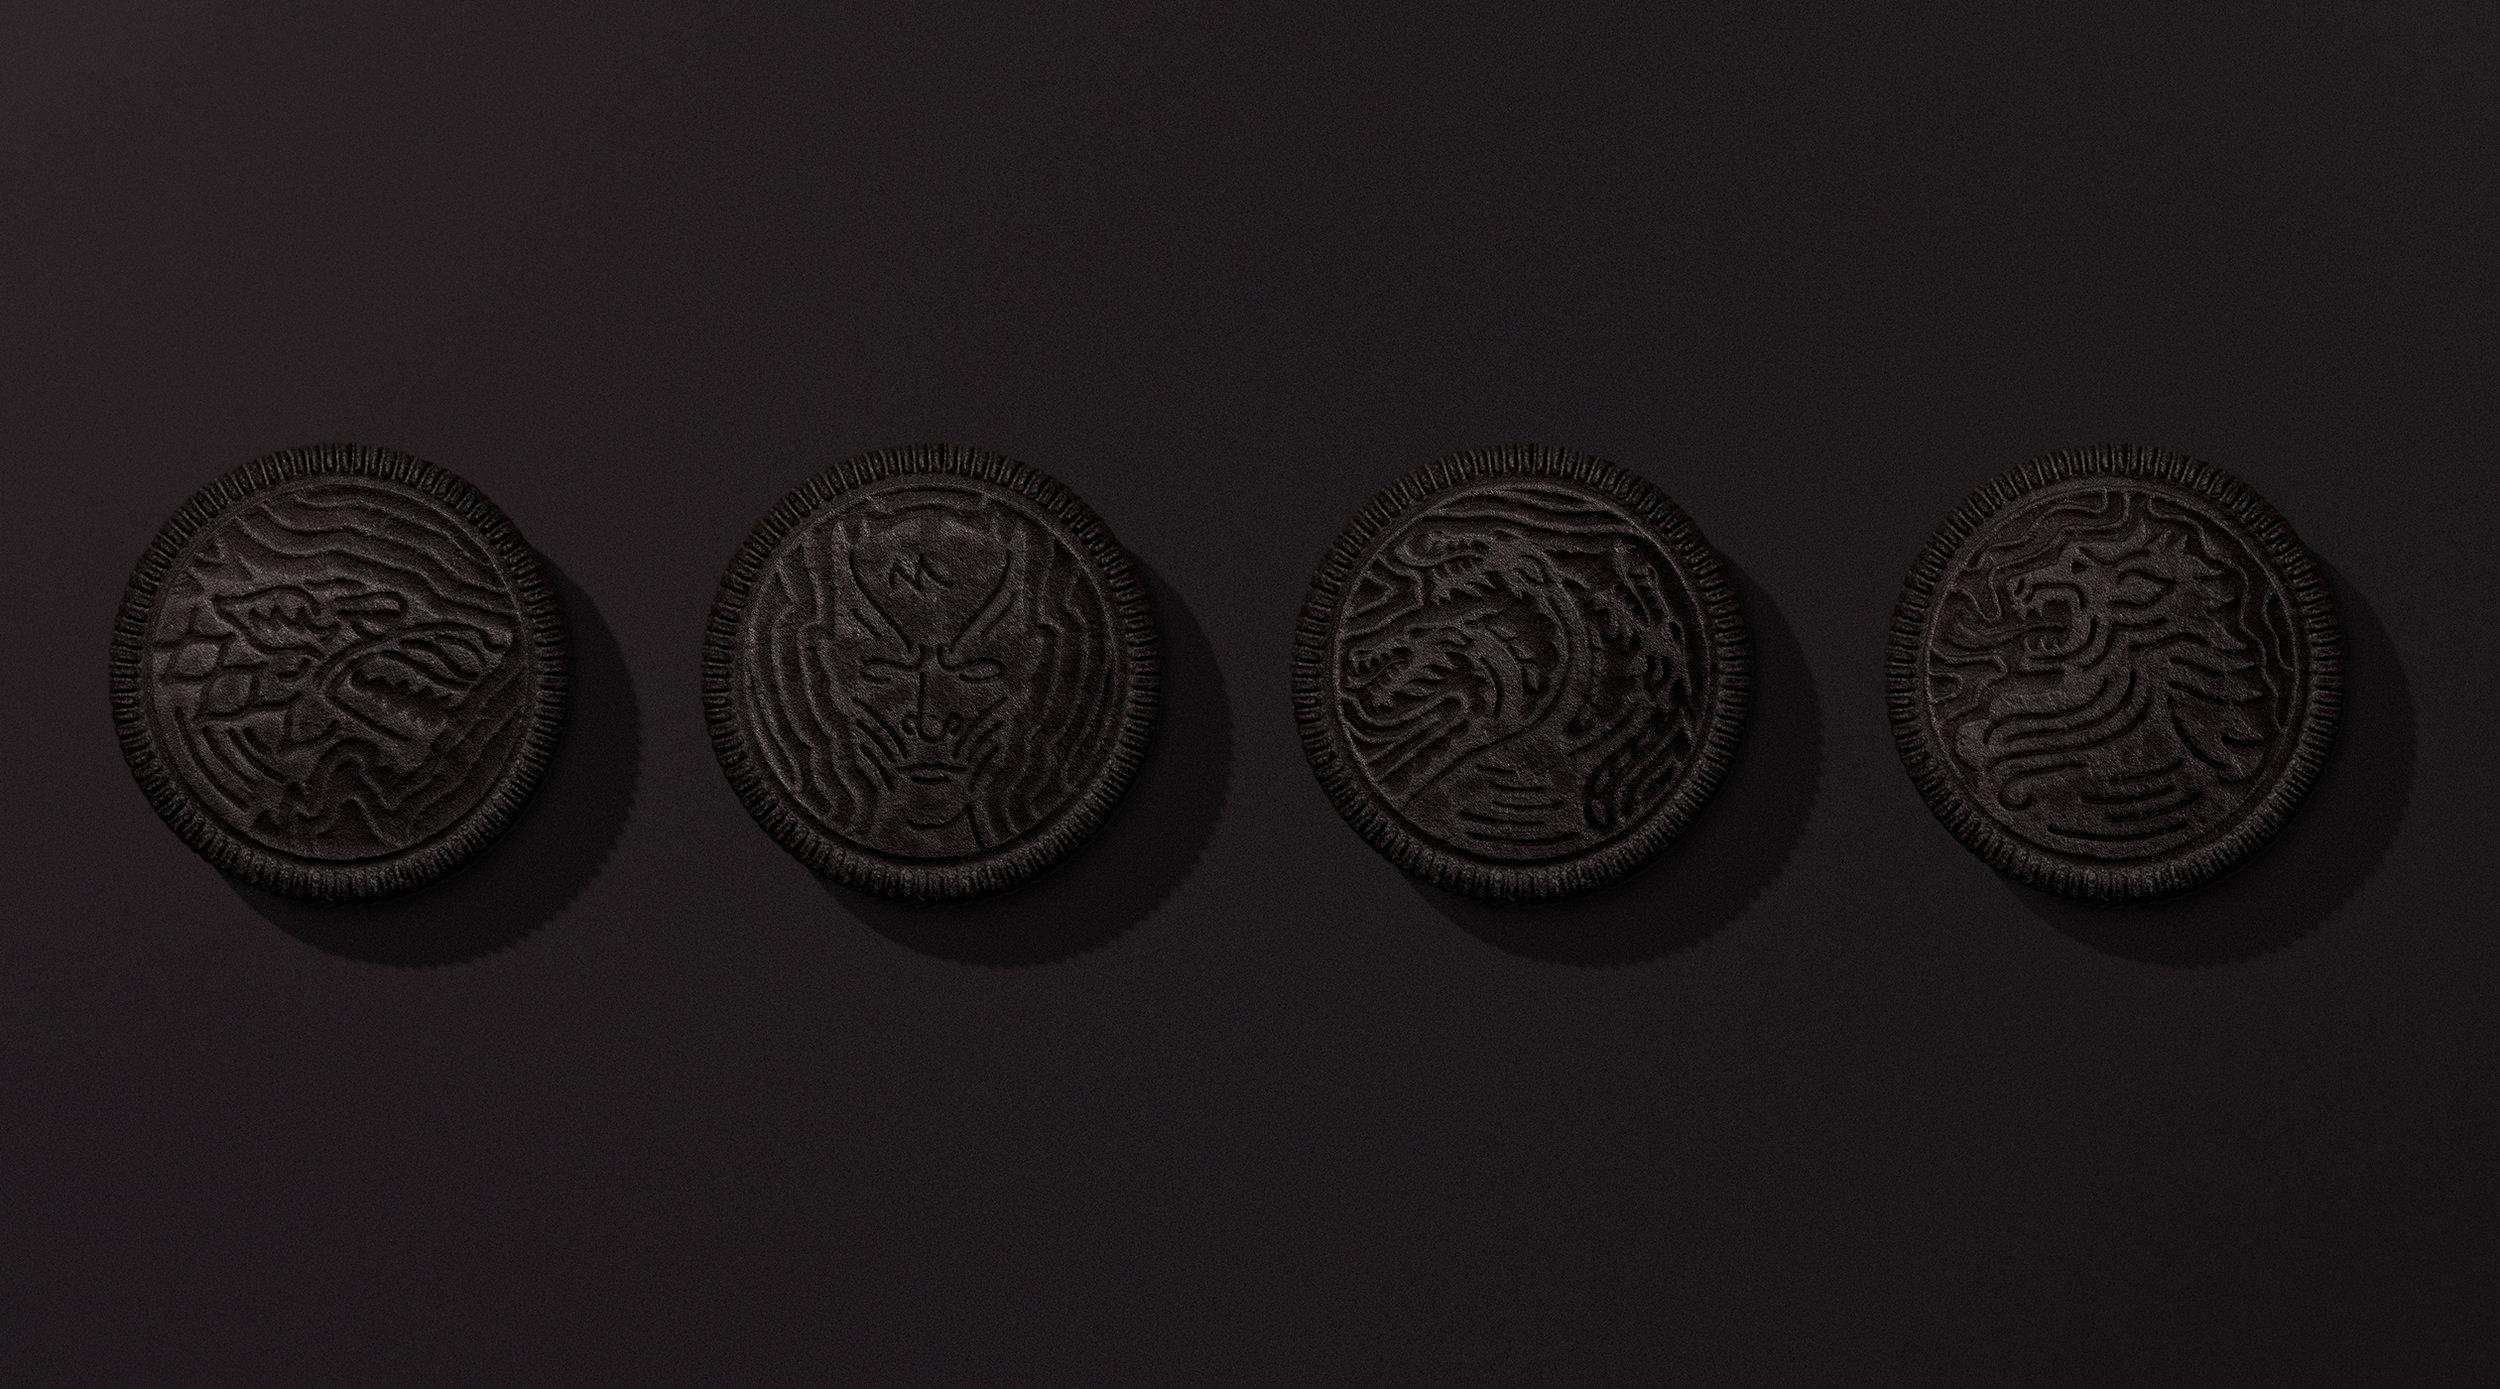 From left to right: House Stark, White Walkers, House Targaryen, House Lannister